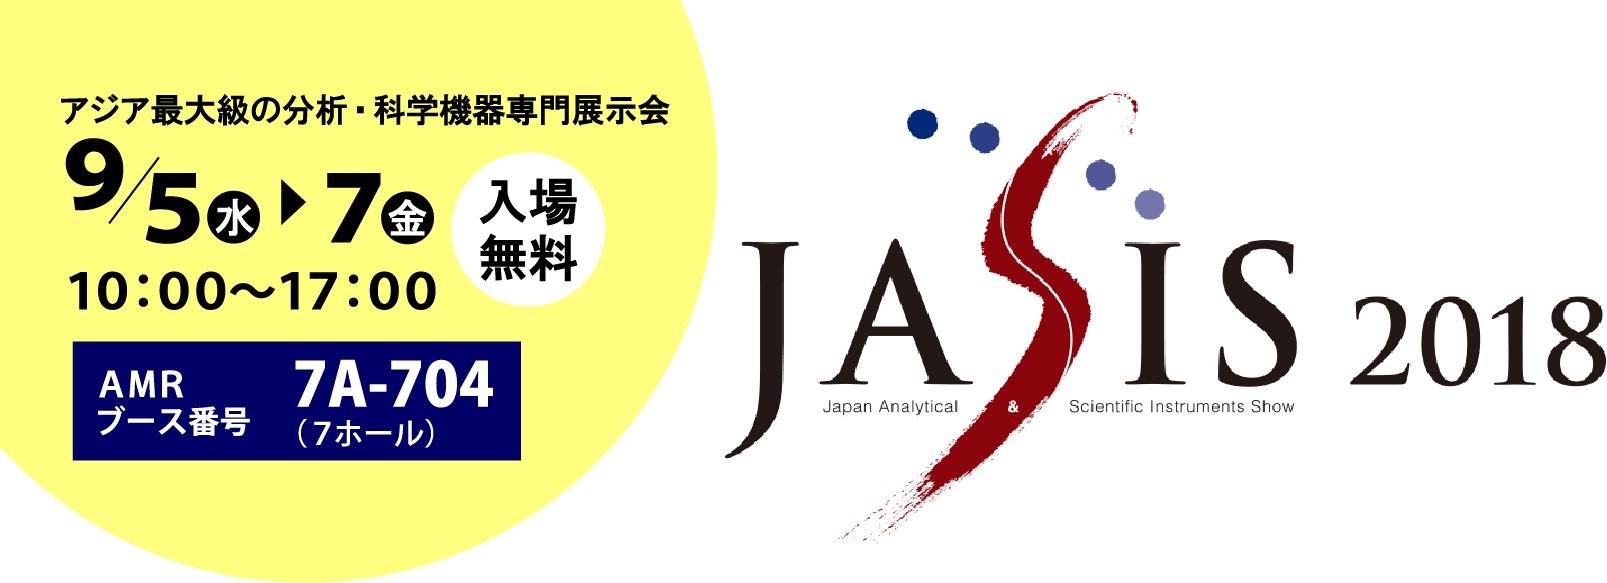 JASIS2018に出展いたします!